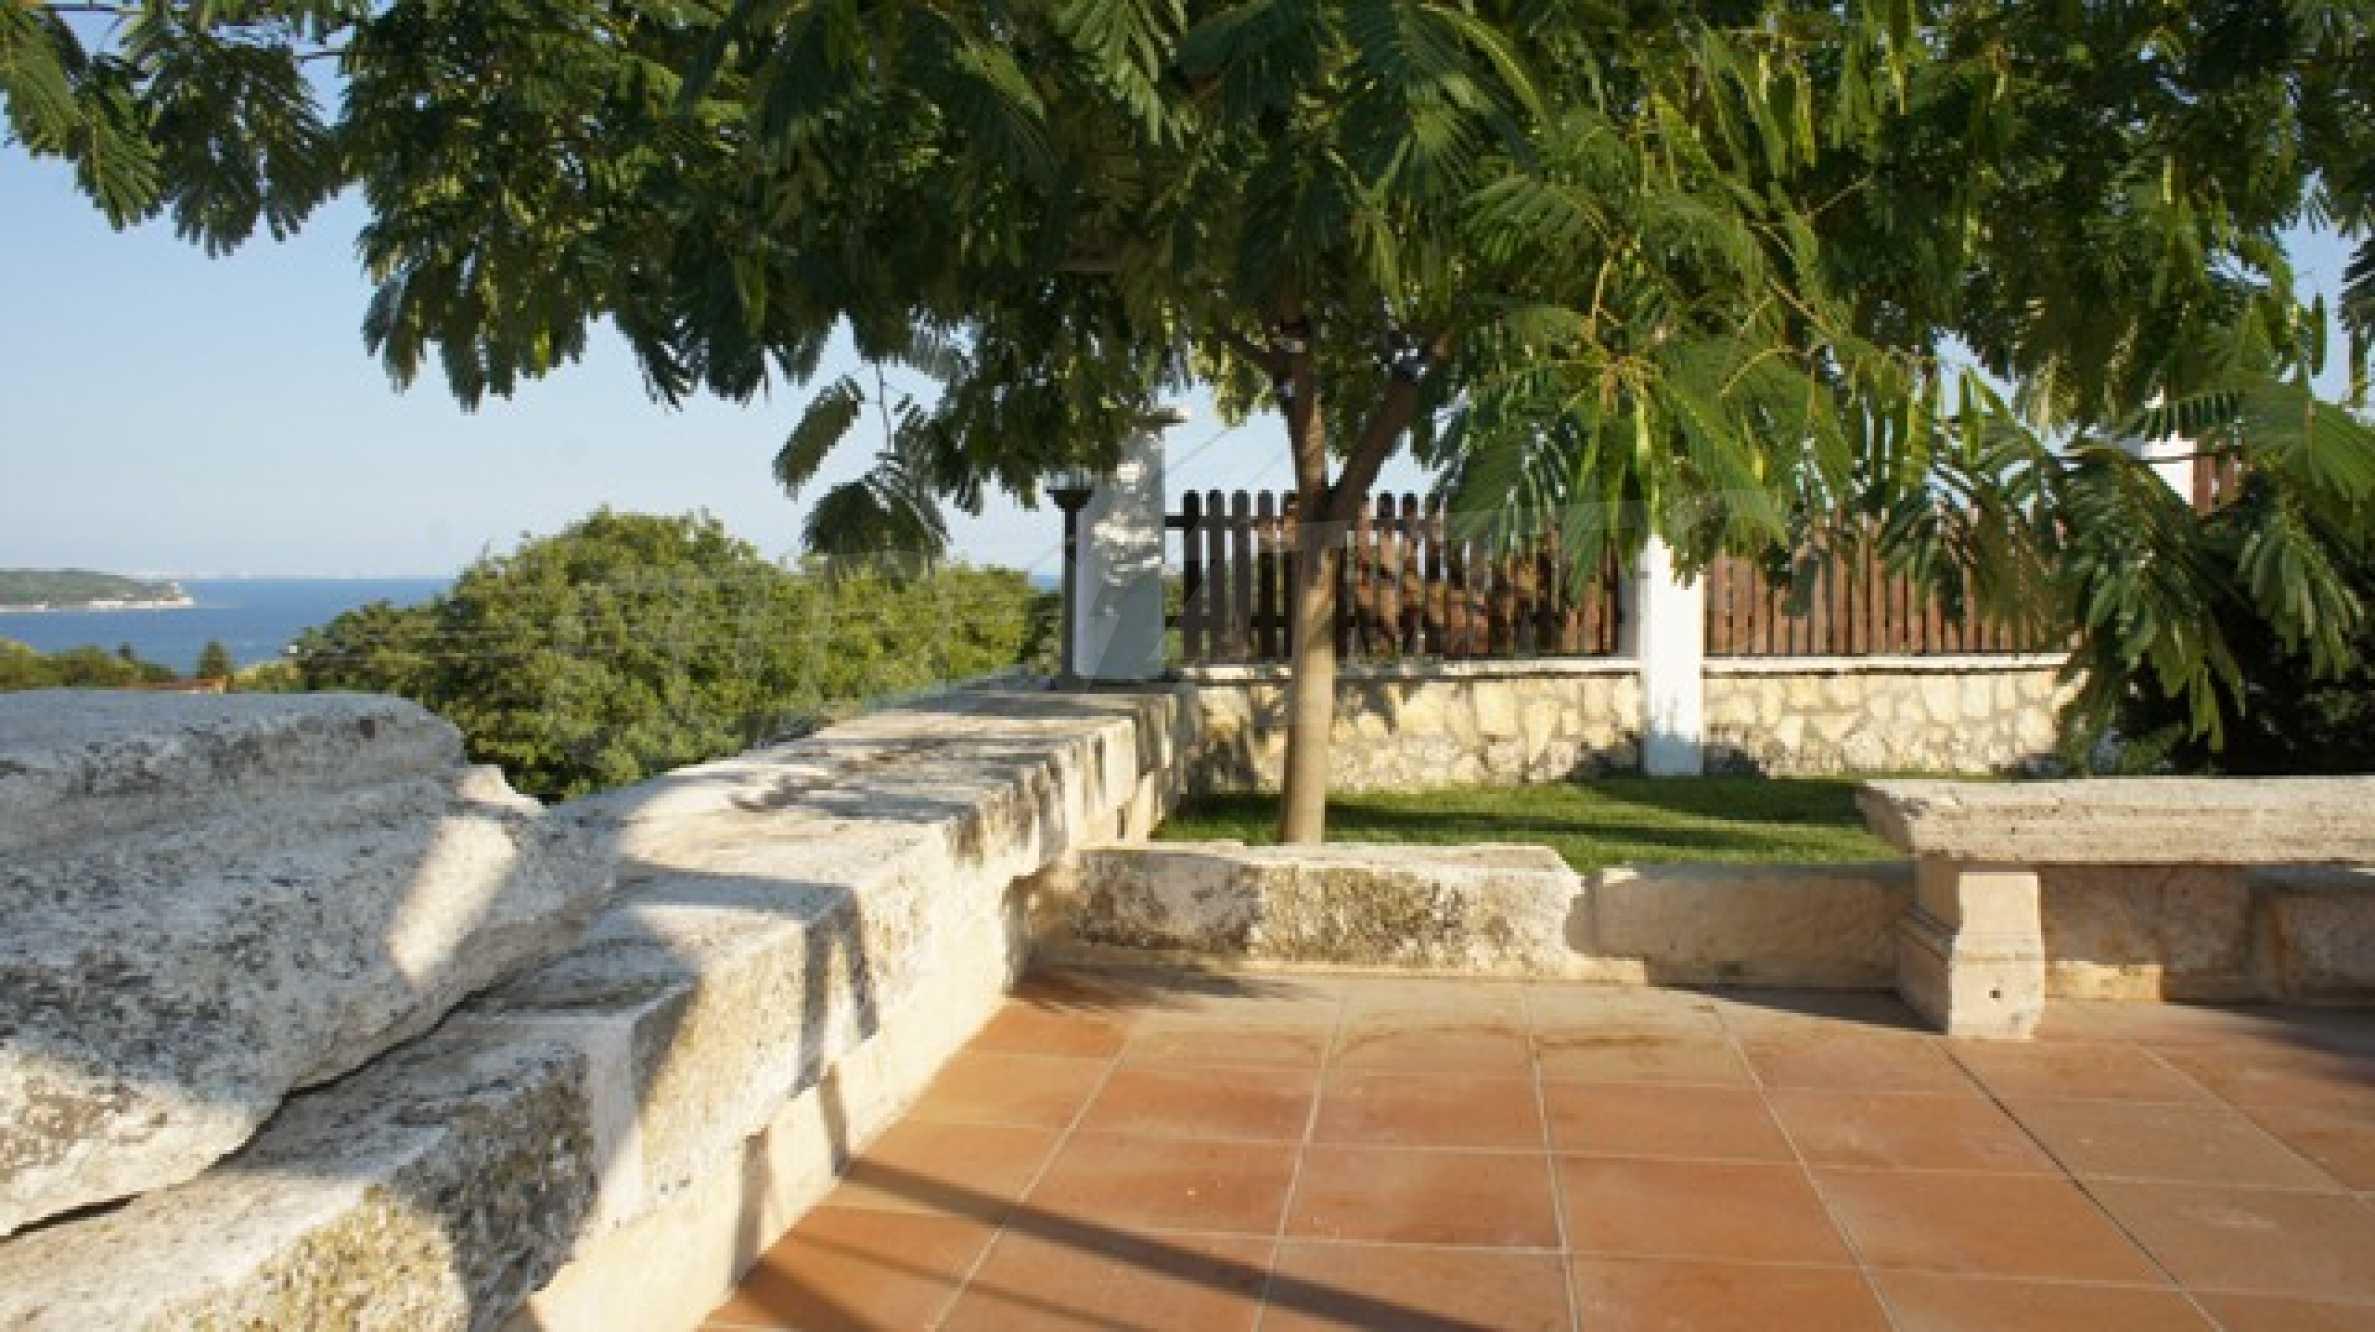 Mediterraner Stil - Luxus zum Sonderpreis 18